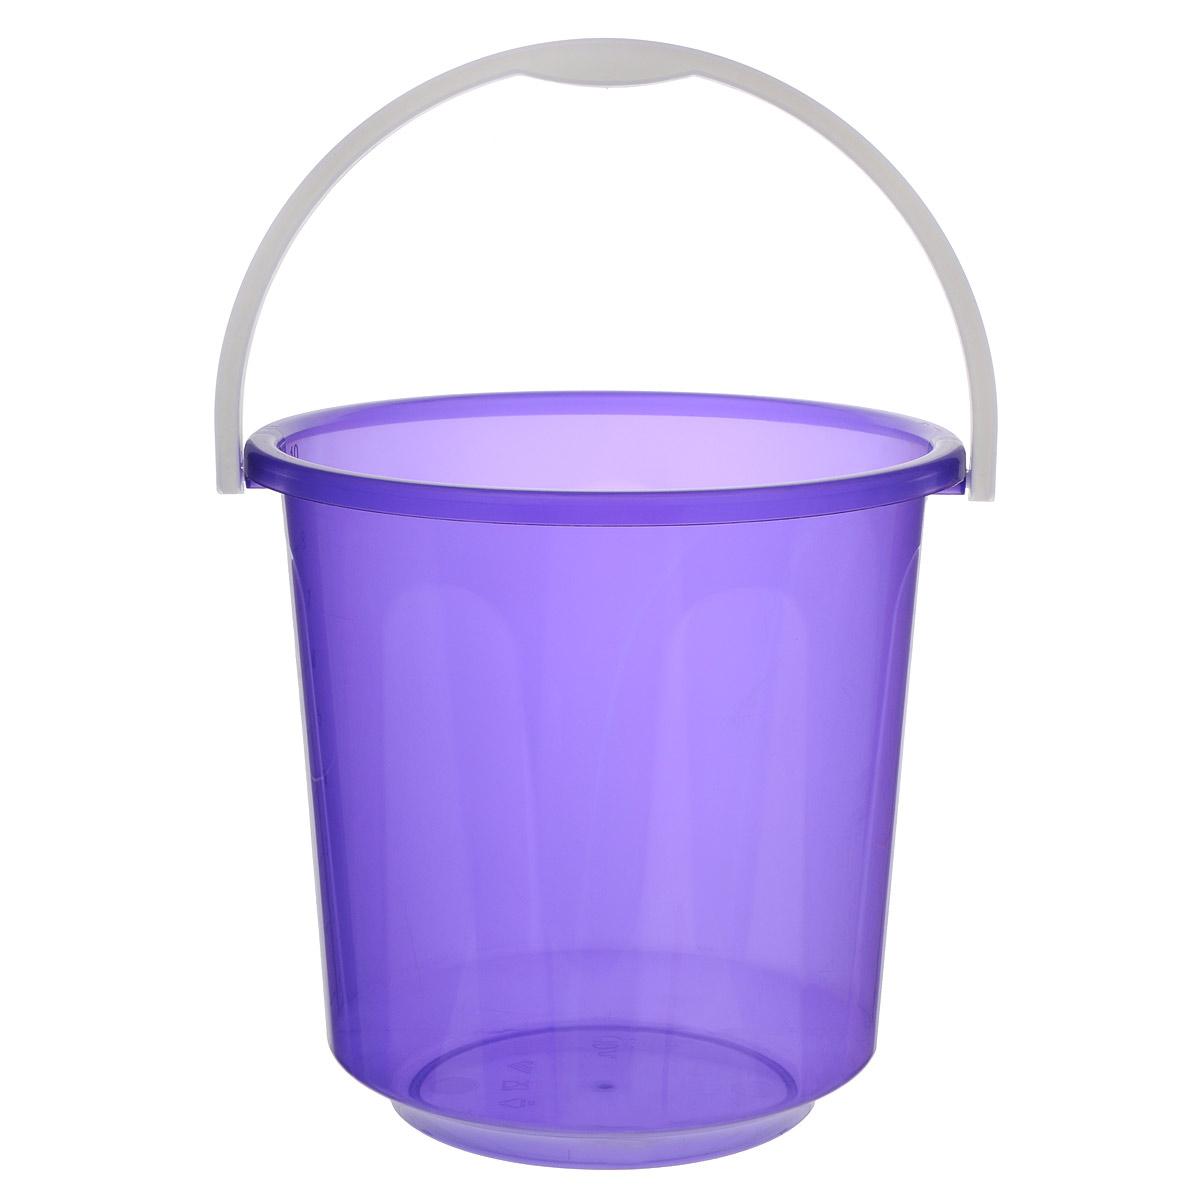 Ведро Альтернатива Хозяюшка, цвет: фиолетовый, 10 лМ1212Ведро Альтернатива Хозяюшка изготовлено из высококачественного пластика и оснащено отметками литража. Оно легче железного и не подвержено коррозии. Ведро имеет удобную пластиковую ручку. Такое ведро станет незаменимым помощником в хозяйстве. Идеально для хранения пищевых отходов. Диаметр: 27 см. Высота: 26 см.